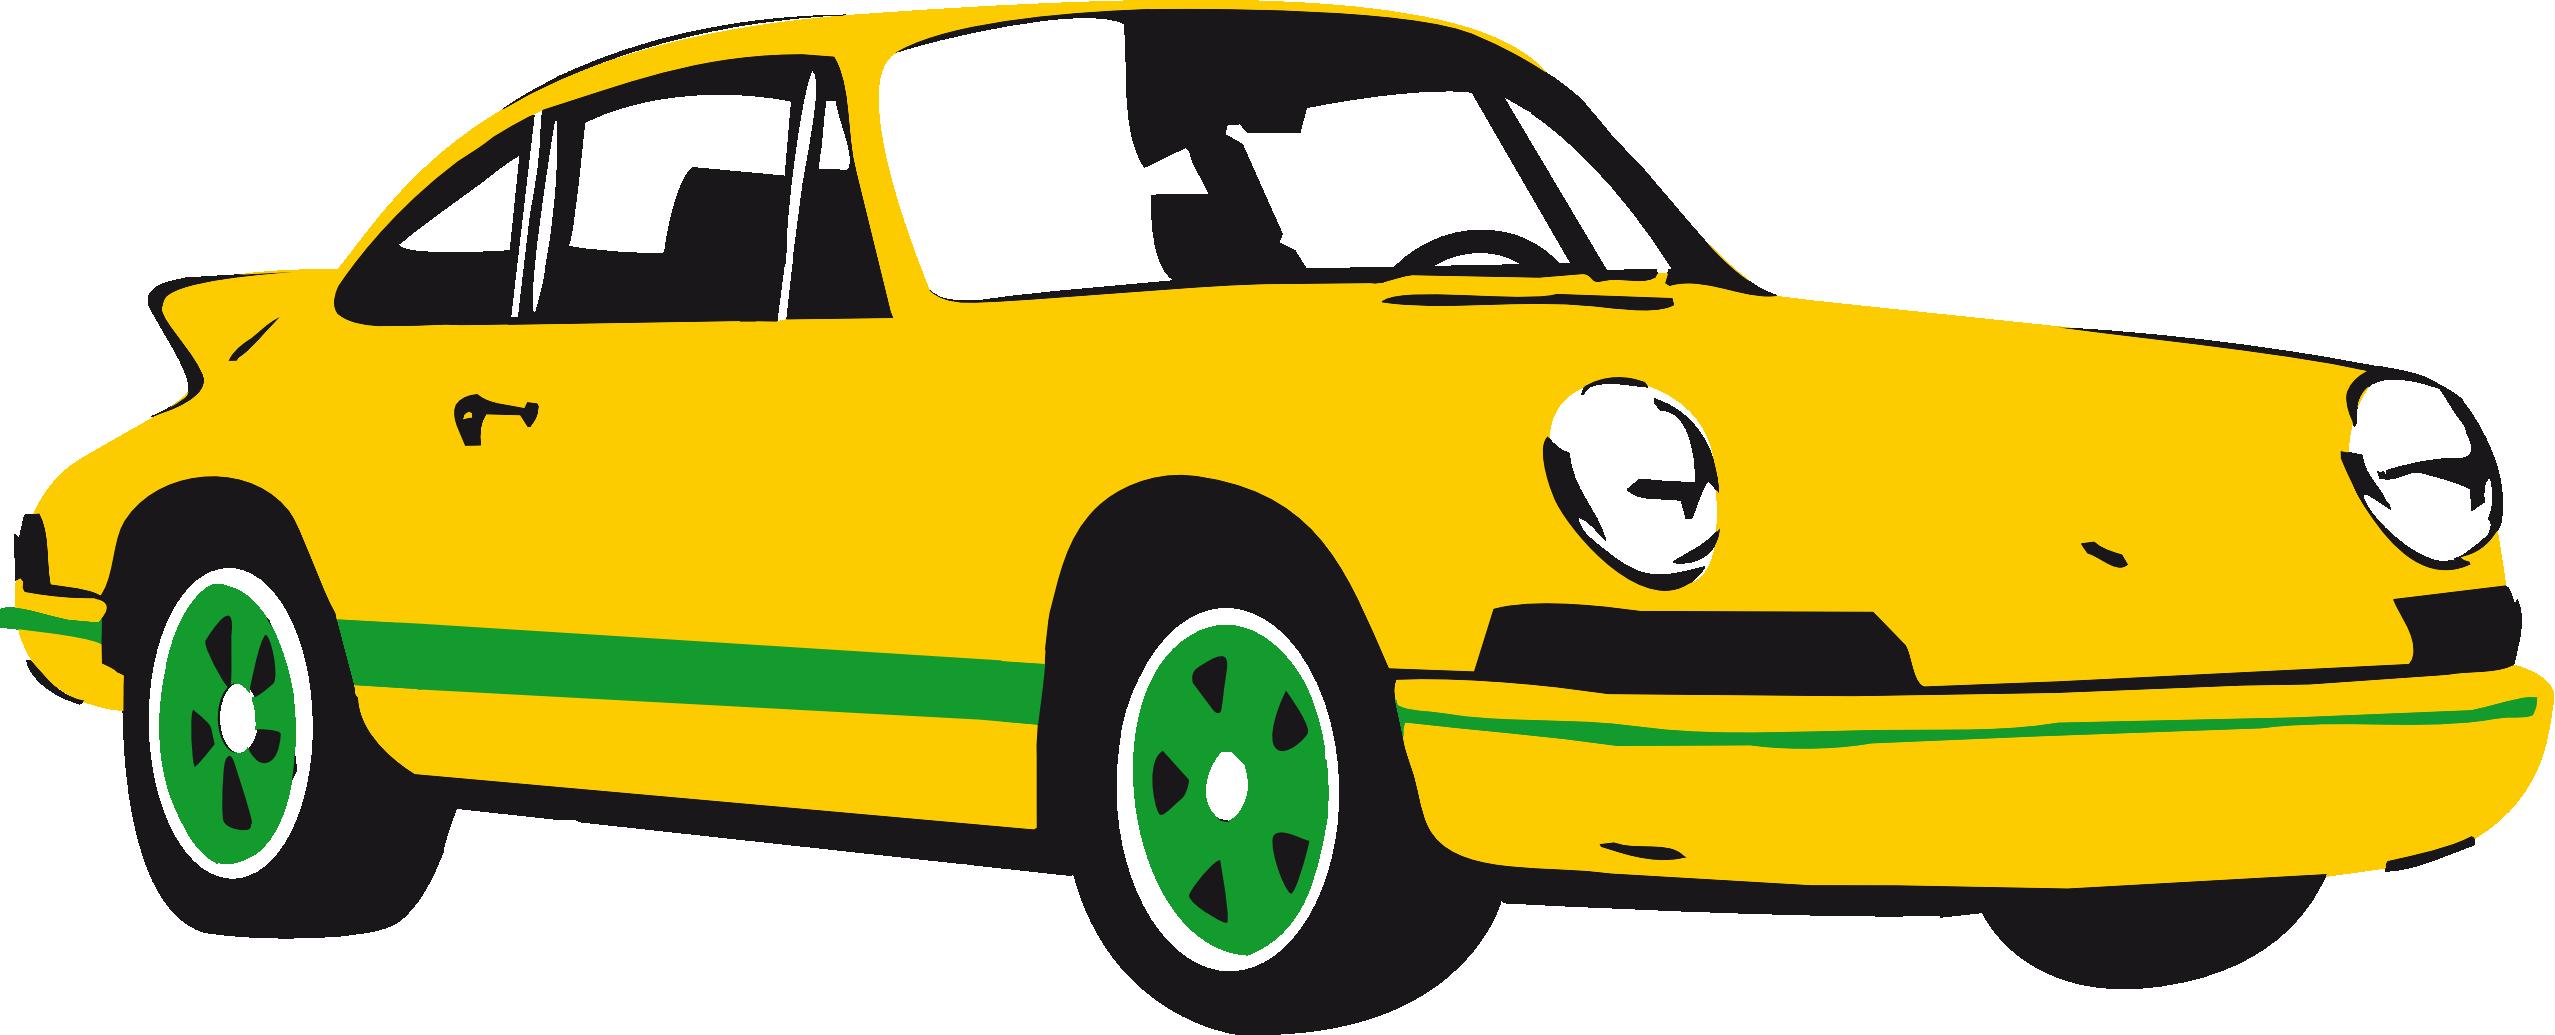 2555x1035 Car Cartoon Png Group